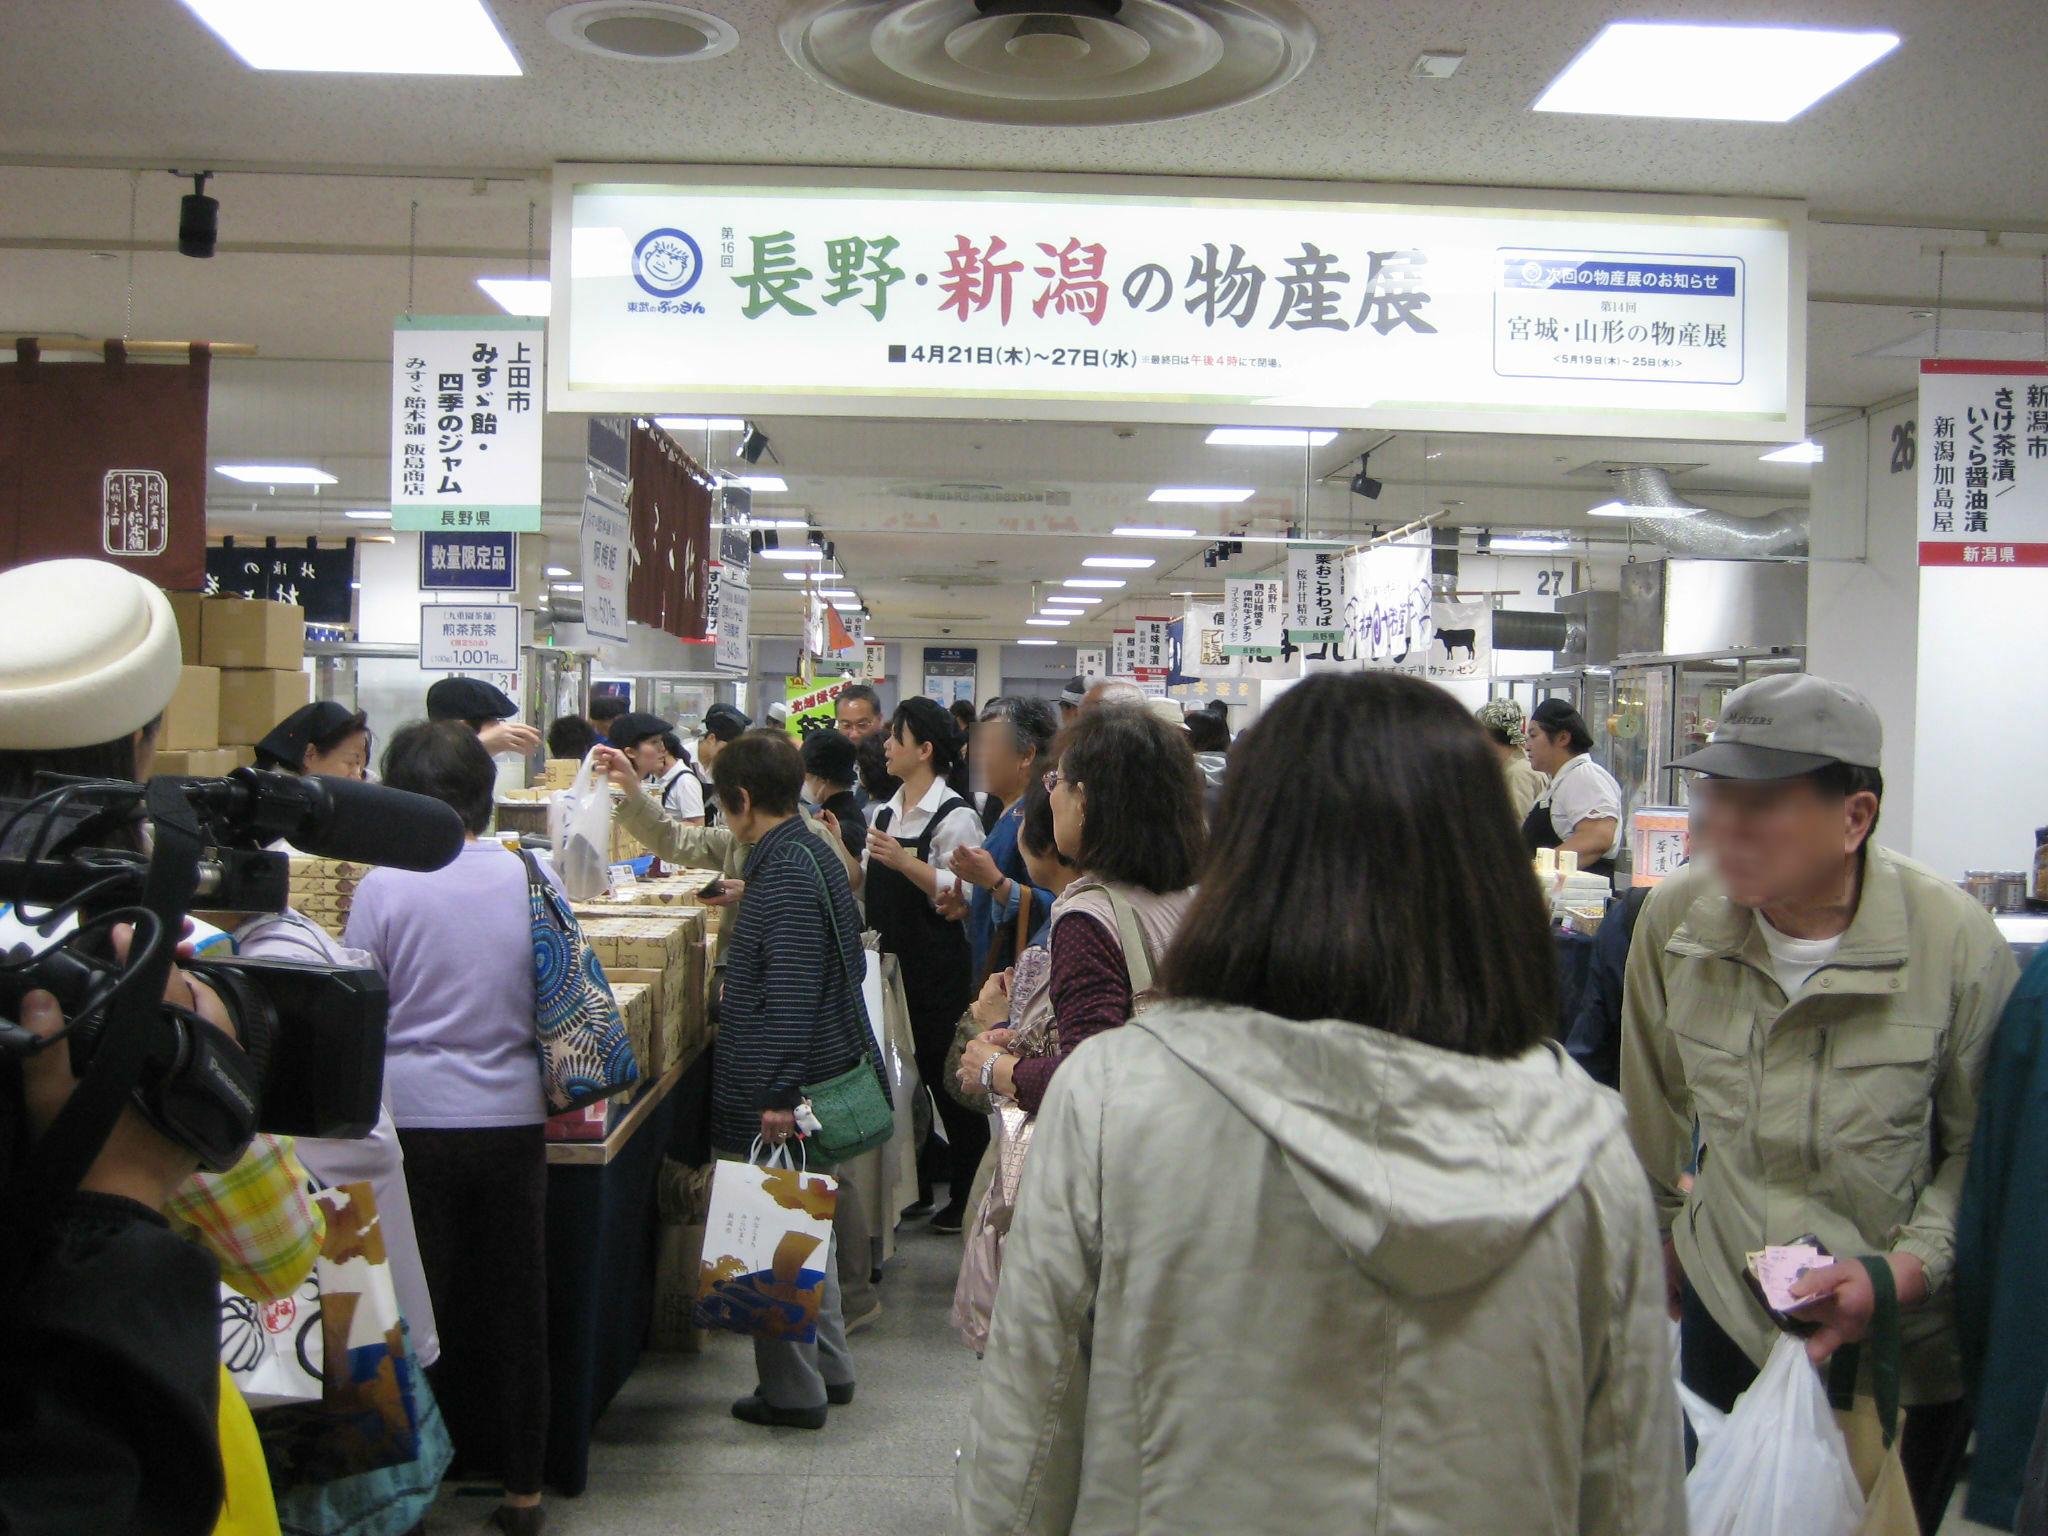 H28長野・新潟・群馬物産展:東武百貨店船橋店